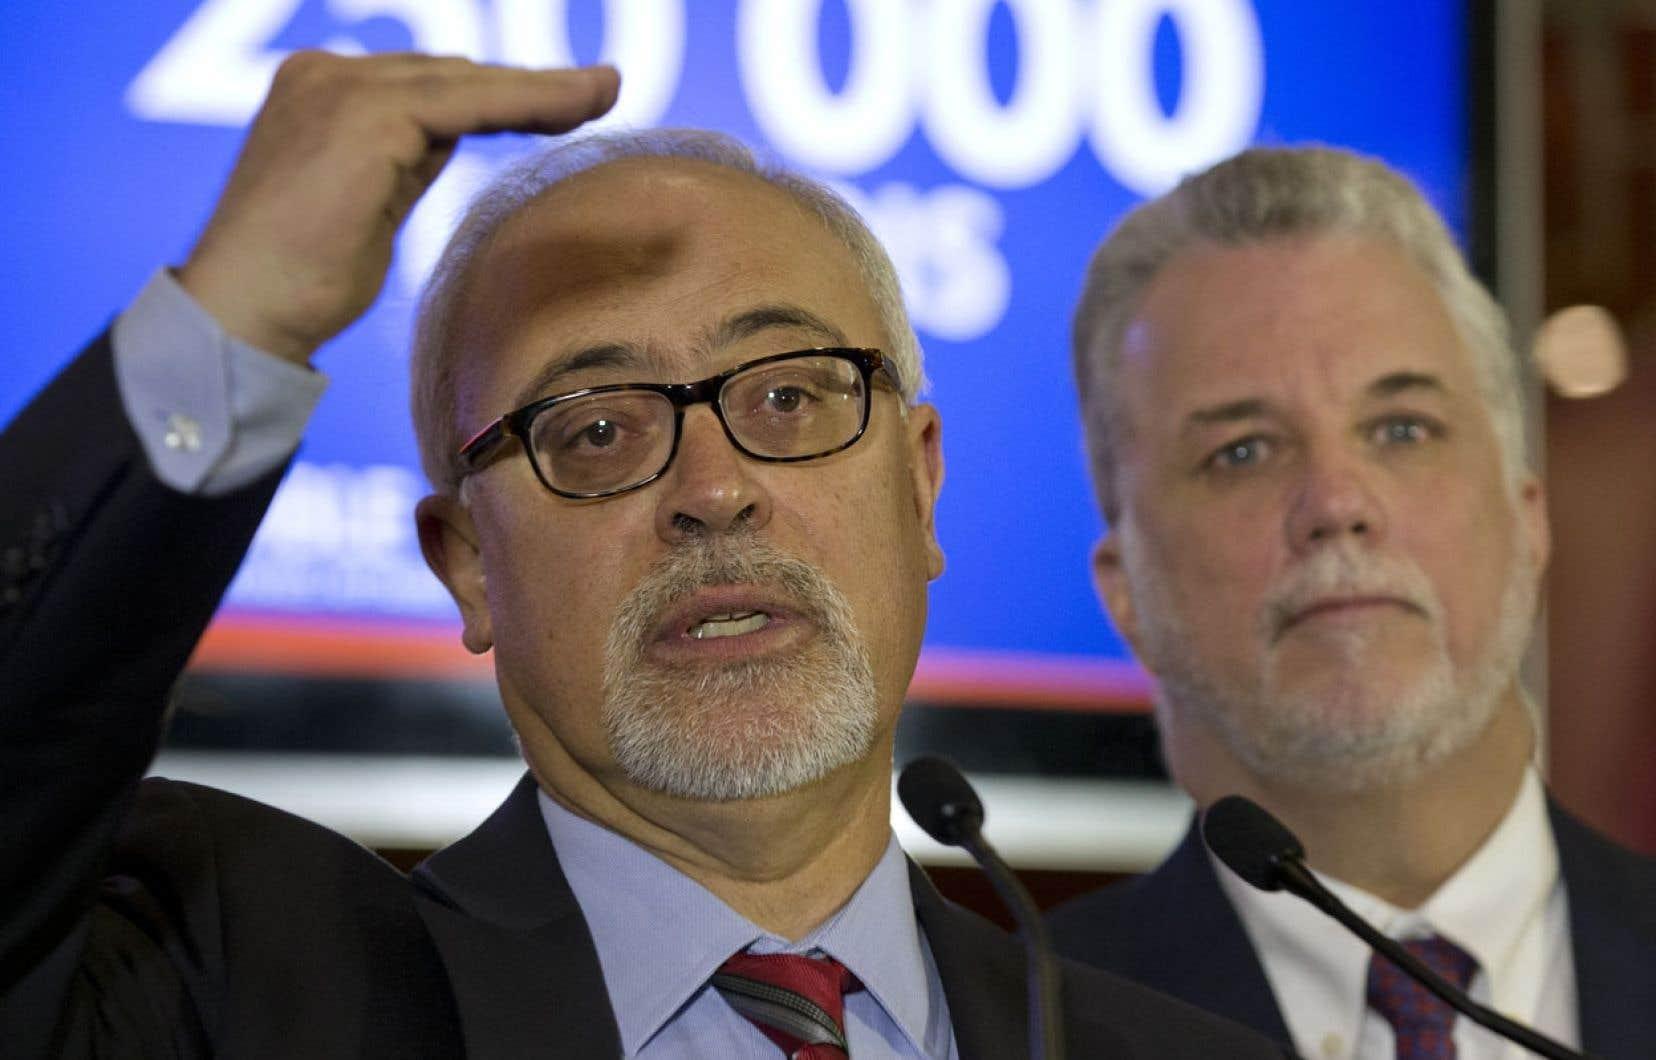 Philippe Couillard présentait jeudi son équipe économique, composée notamment de Carlos Leitao, économiste de la Banque Laurentienne. Le chef du PLQ a promis la création de 250000 emplois, une promesse qui s'appuie sur la poursuite du Plan Nord, ainsi que des incitatifs dans le milieu de la construction.